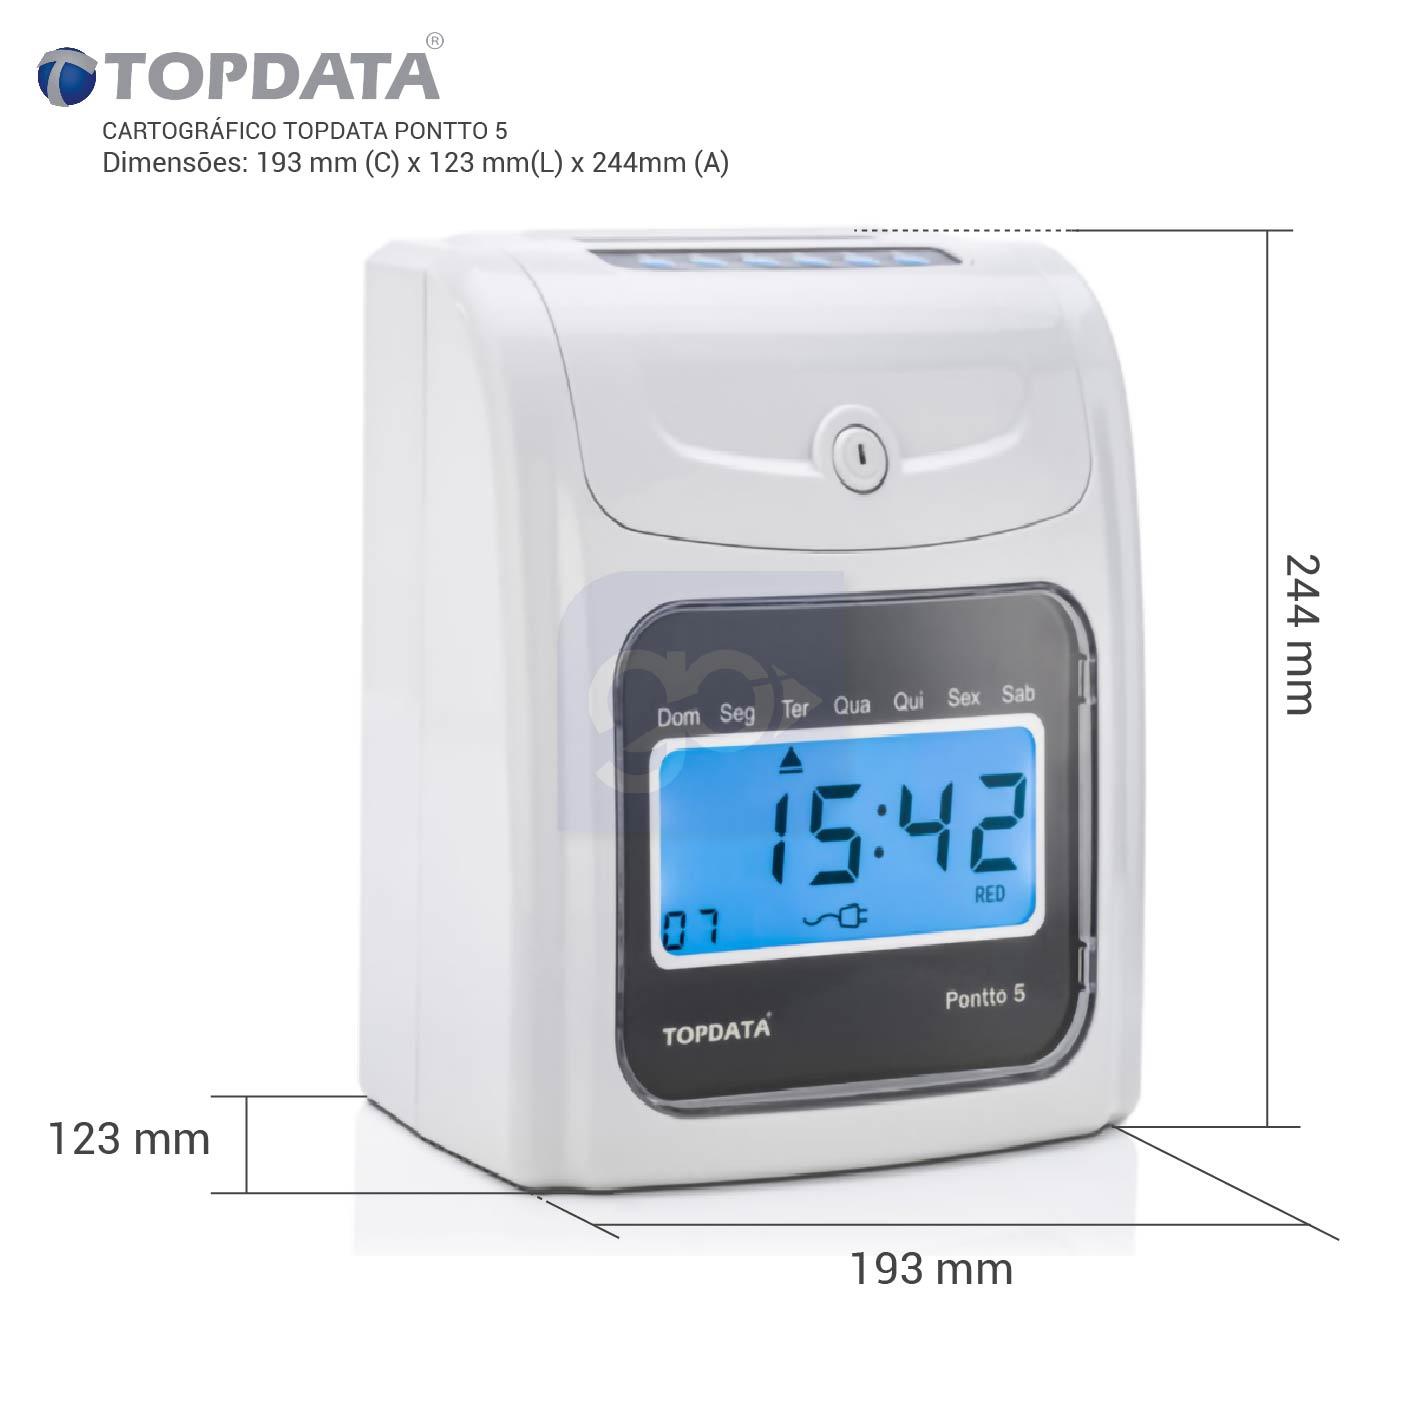 Relógio de Ponto Eletrônico Cartográfico Topdata Pontto 5 + Cartão 100 Und   - GO AUTOMAÇÃO